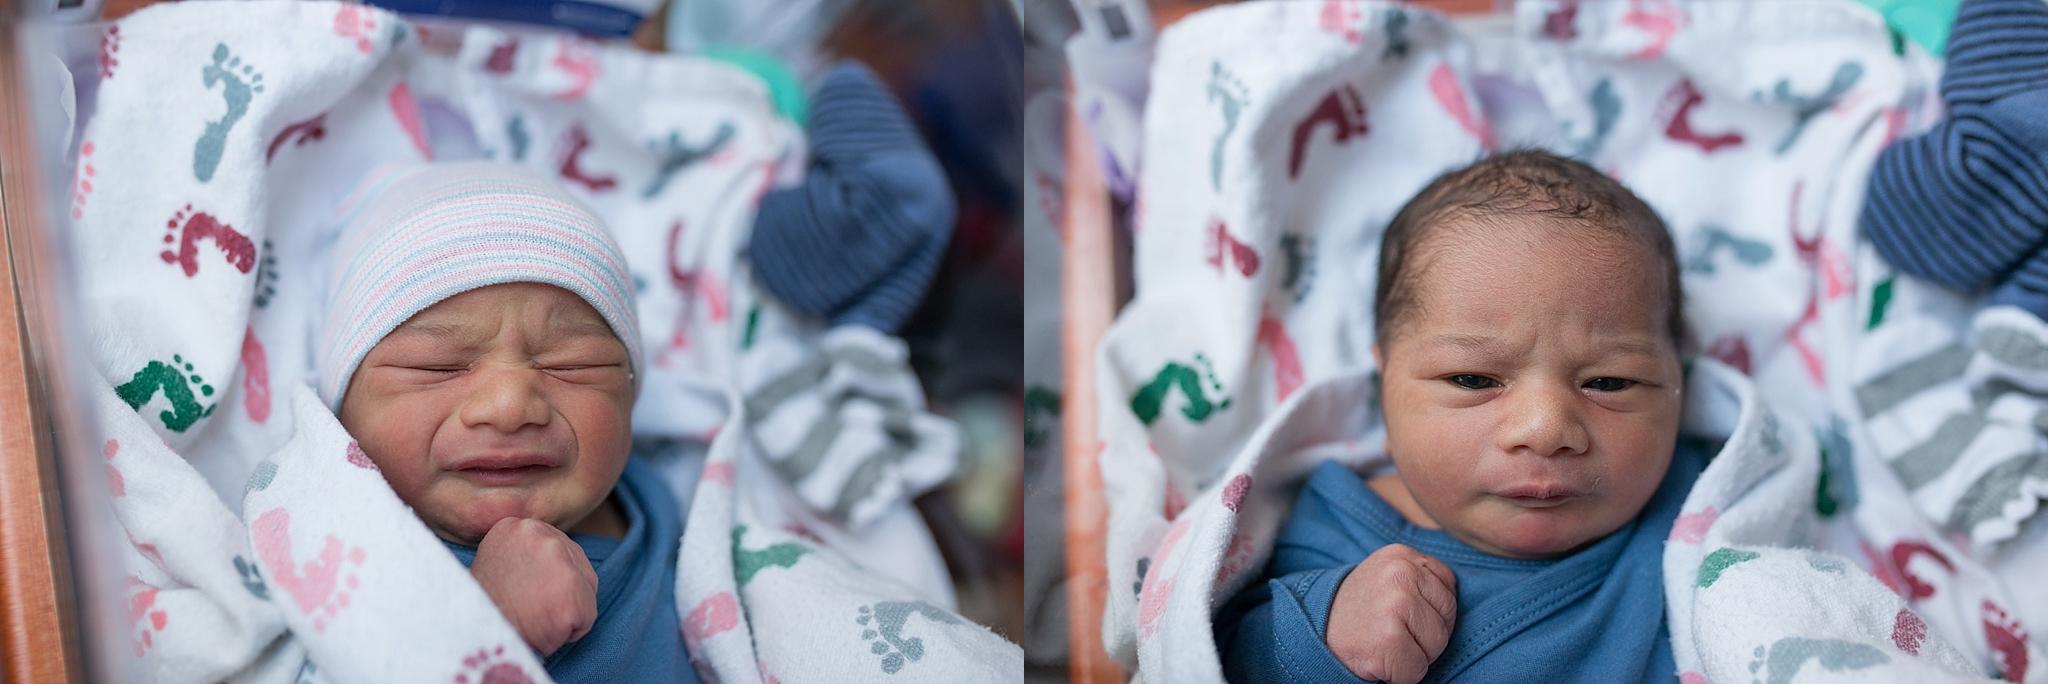 newborn boy fresh 48